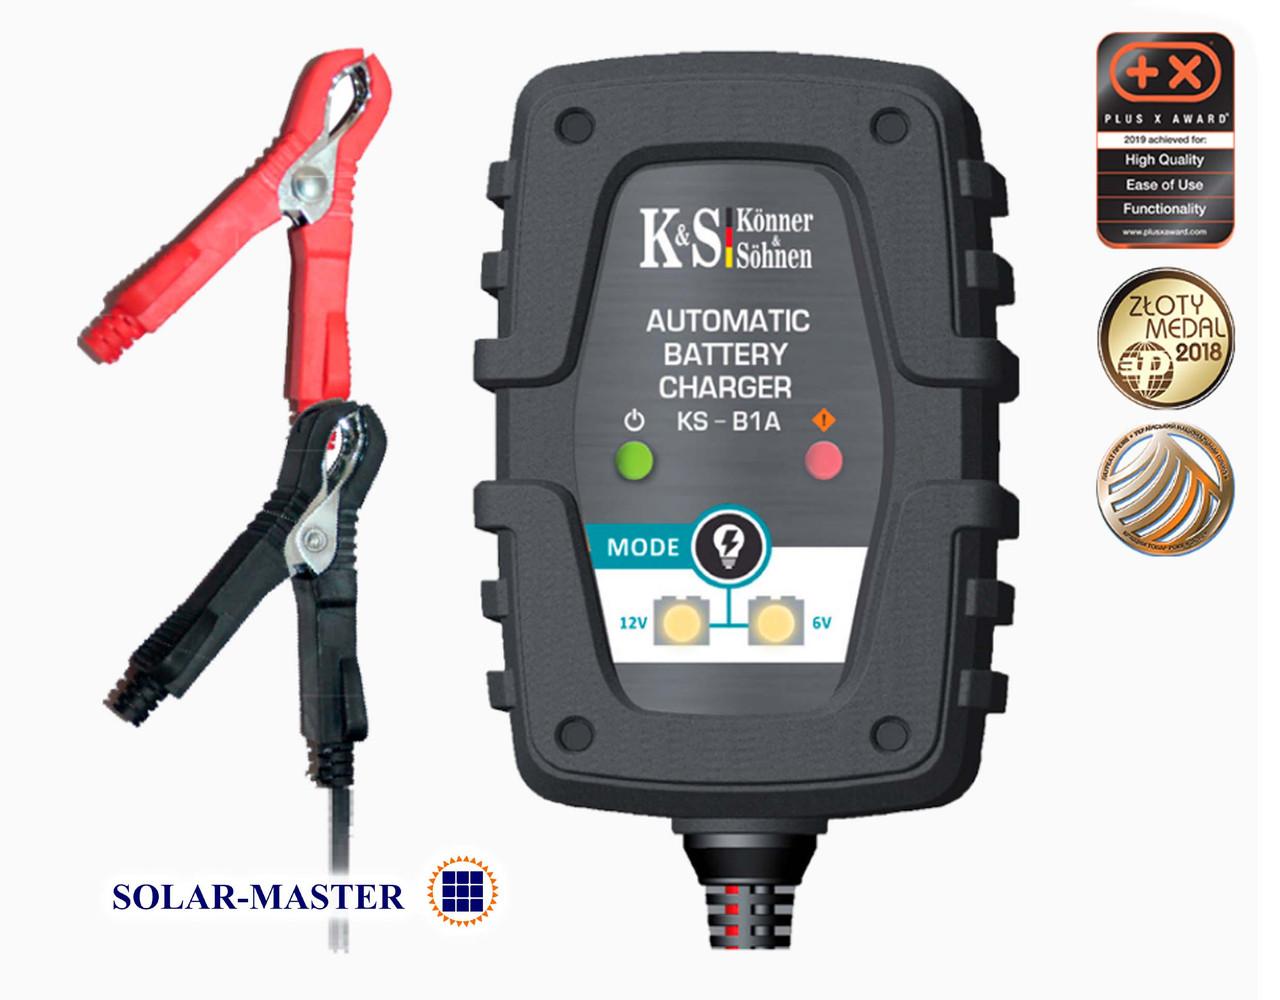 Зарядное устройство для 12В и 6В аккумуляторов до 32 Ач, 1 Ампер, Германия